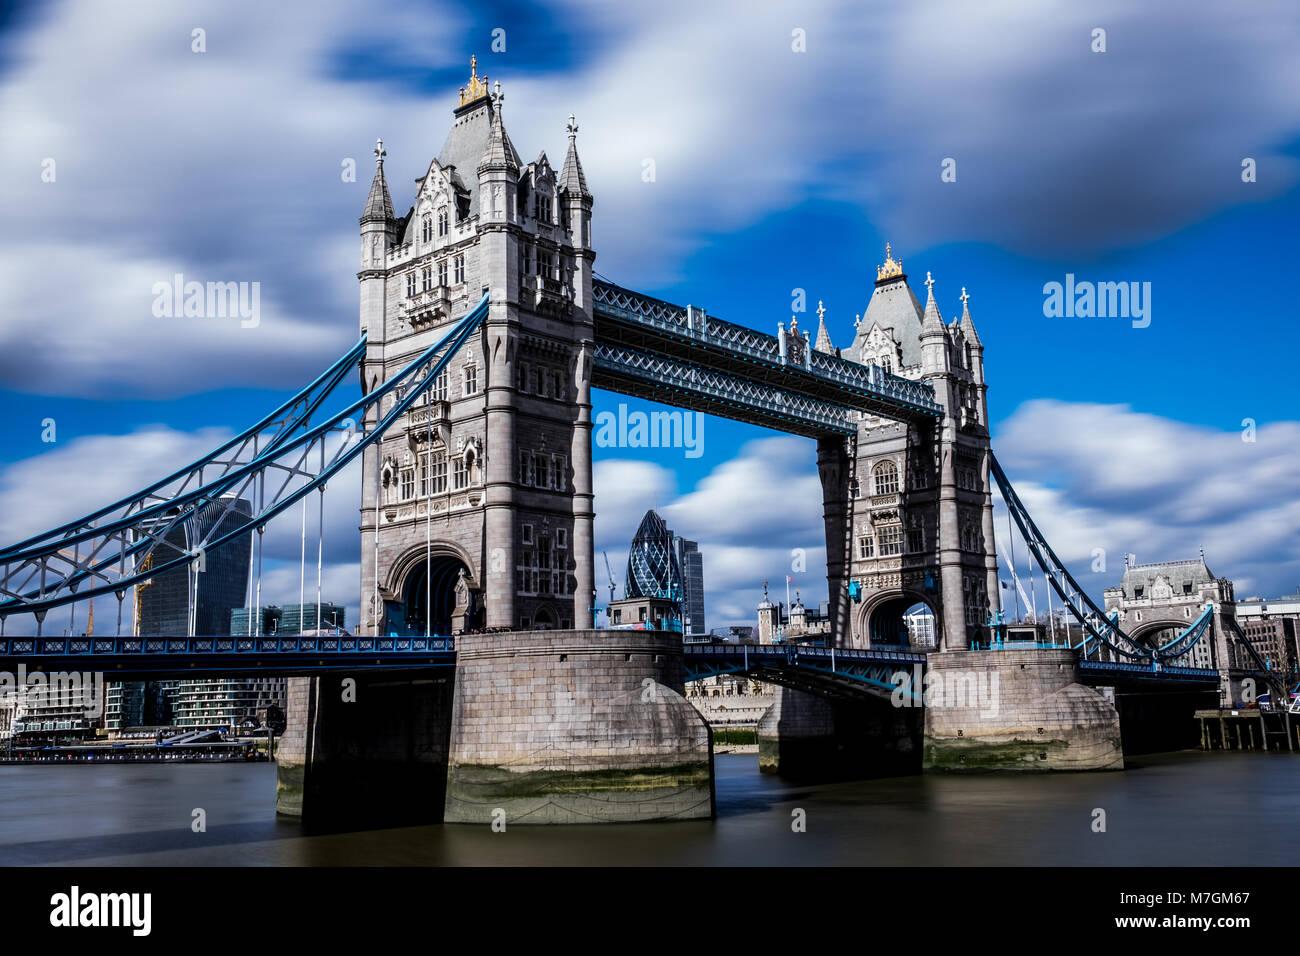 Low angle long exposure of Tower Bridge sur la Tamise à Londres UK Banque D'Images